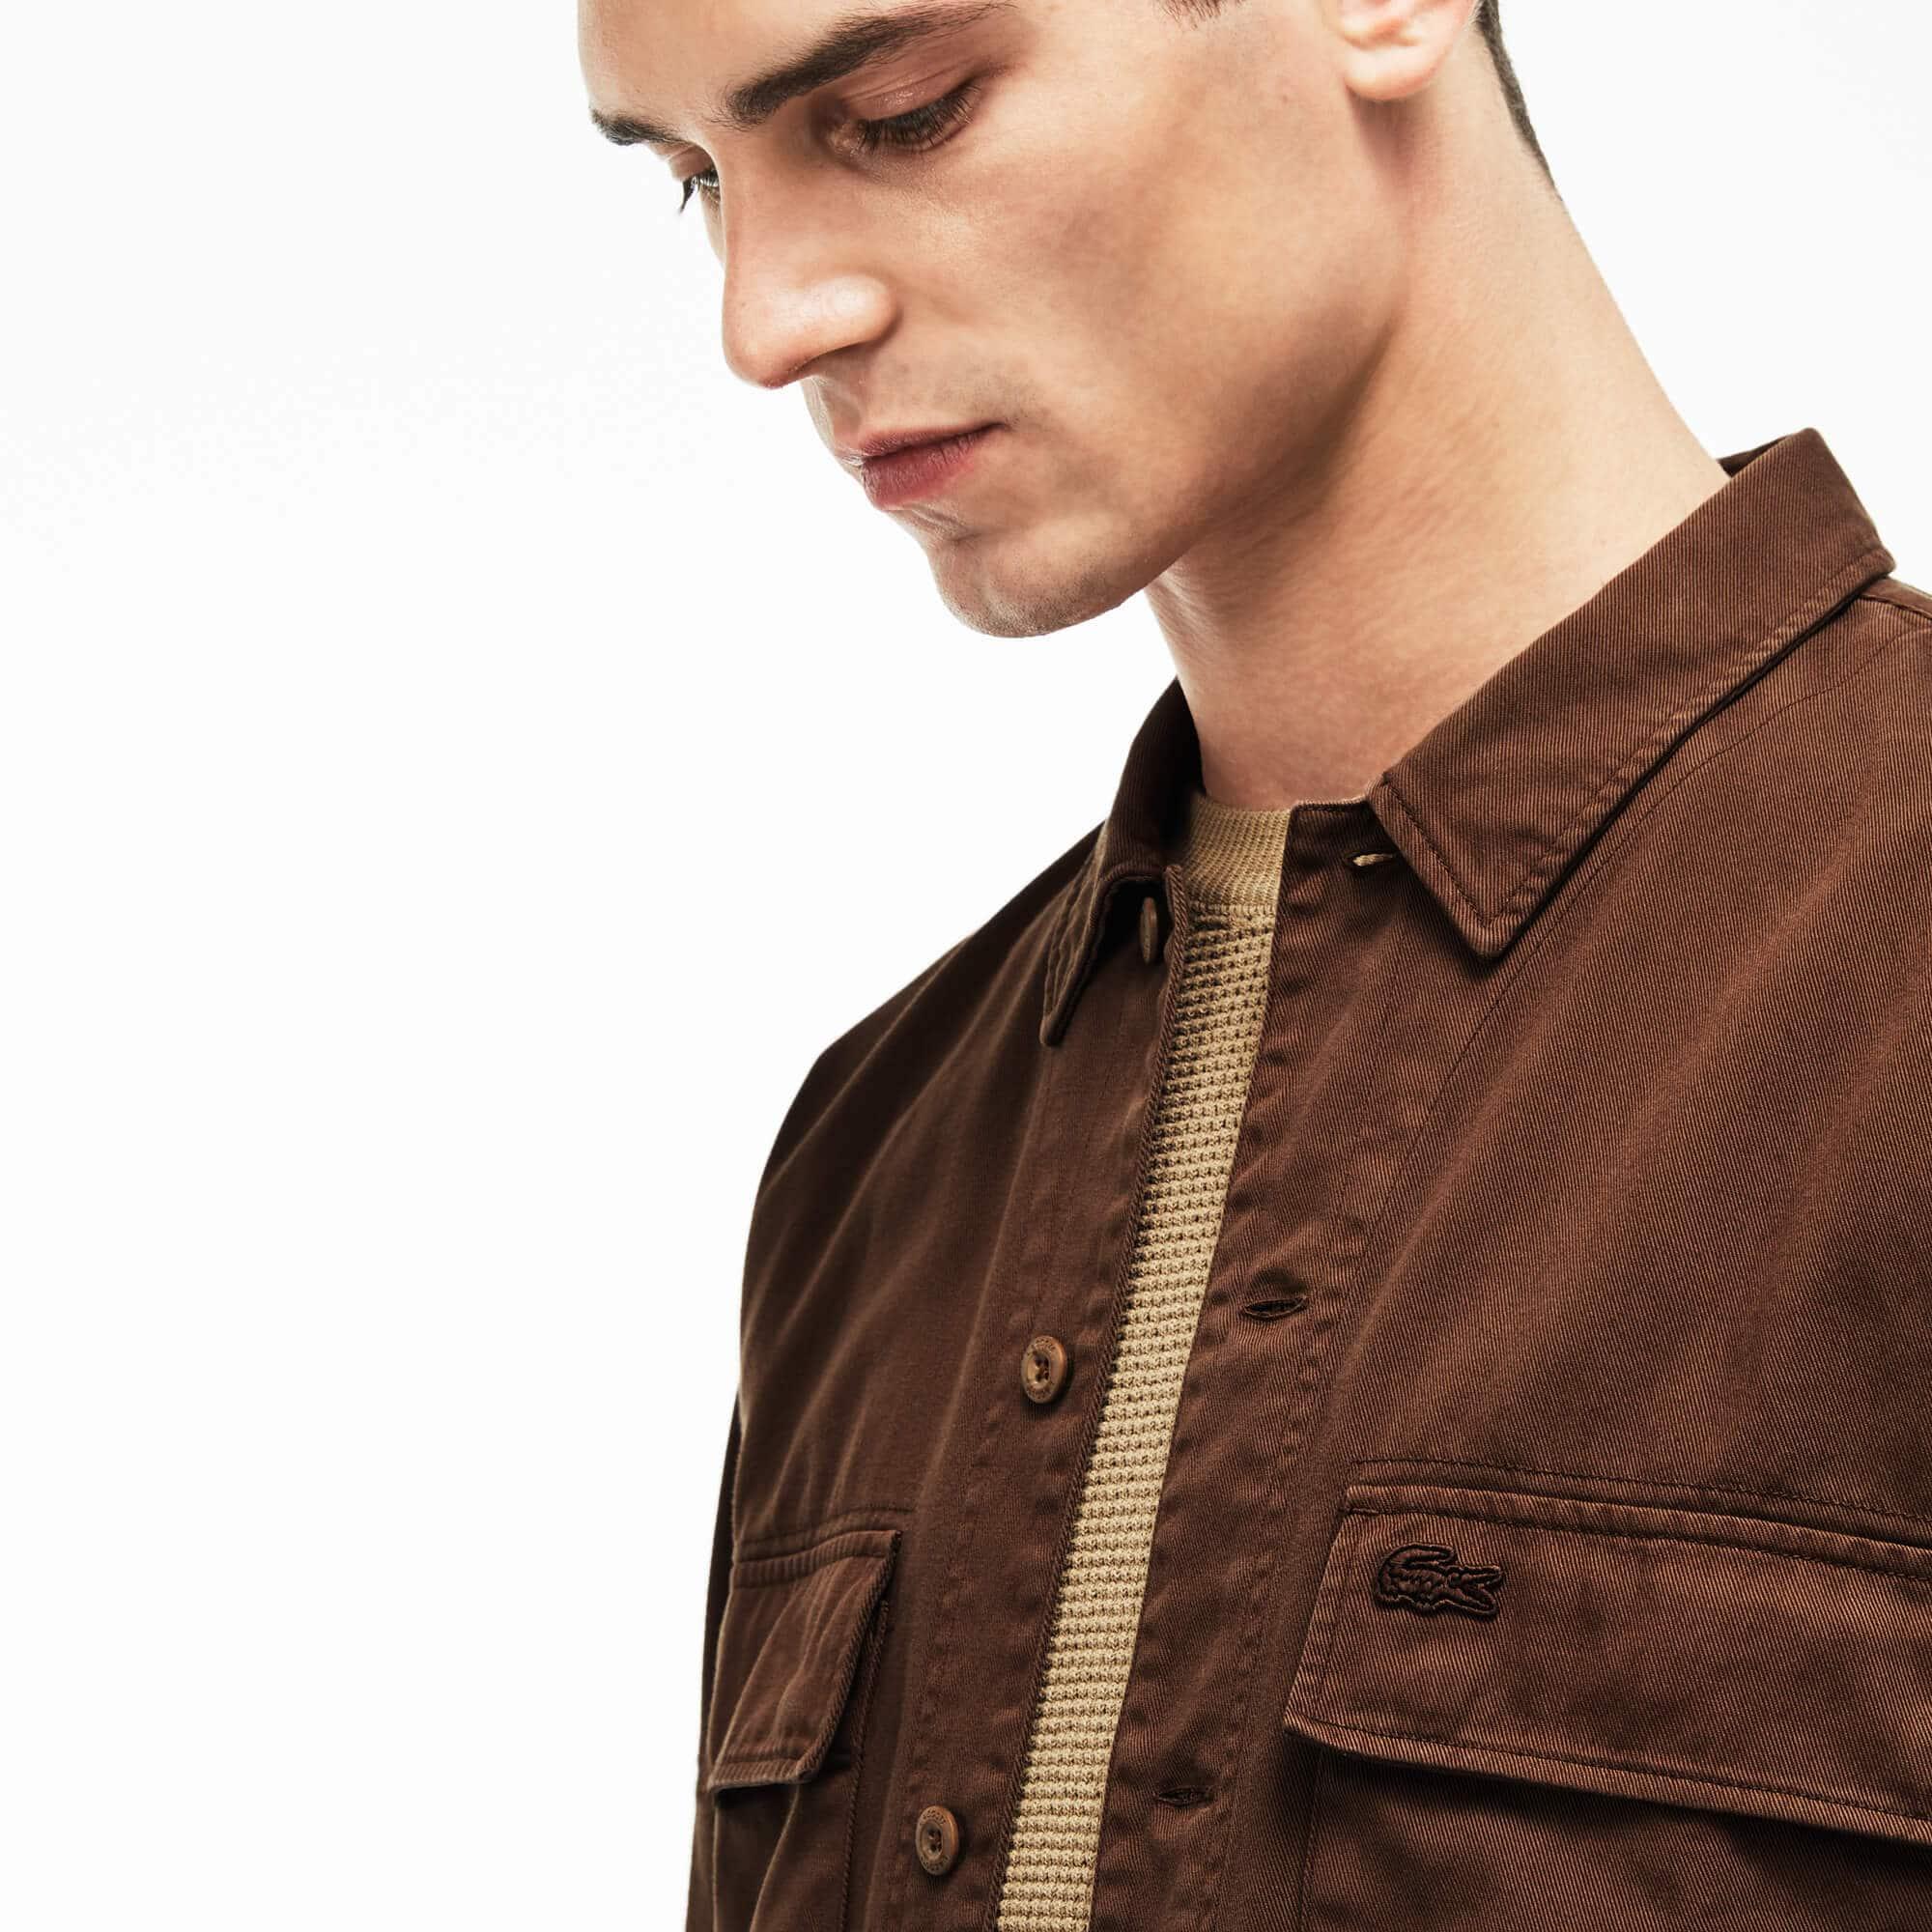 Lockeres Herren-Hemd aus Baumwolltwill mit Bleicheffekt